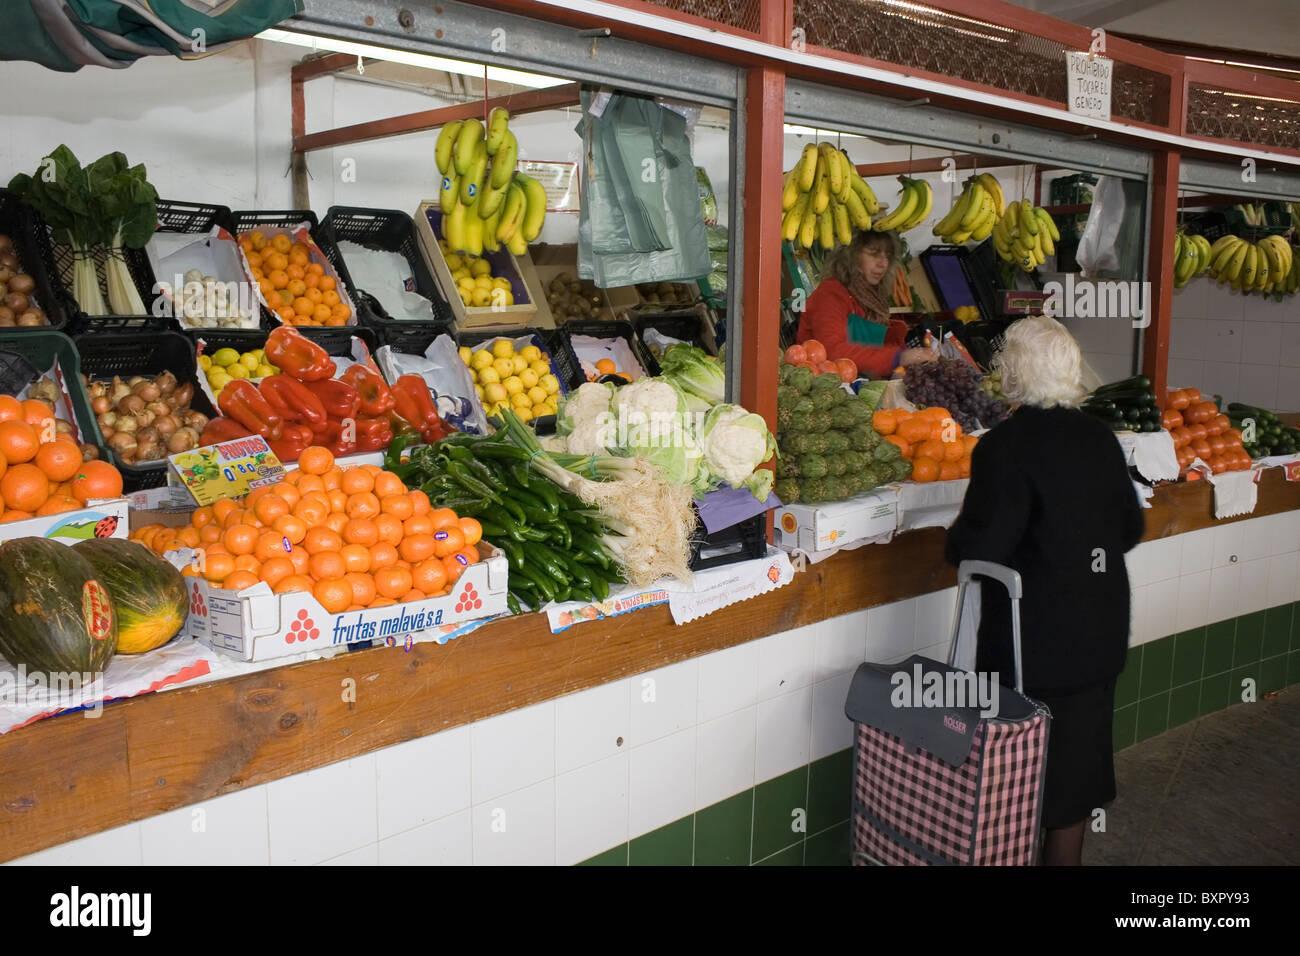 Mujer comprando frutas off calado de frutas y verduras en el mercado central, Andujar, Jaén, España. Foto de stock